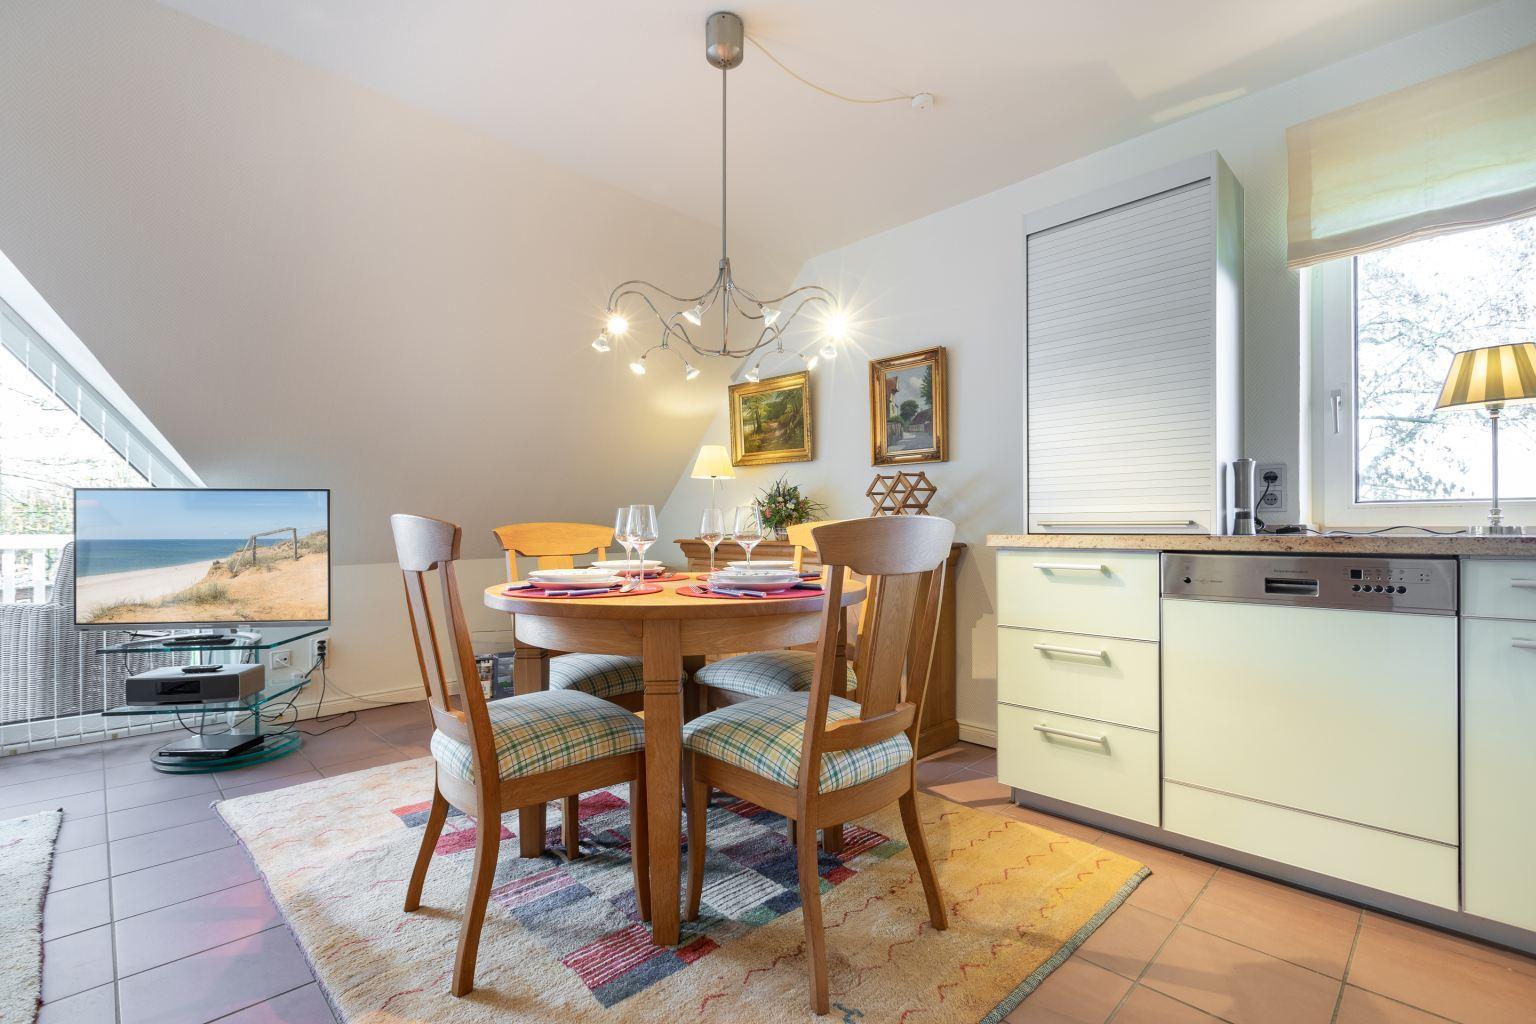 """Wohnzimmer mit Essbereich - St Peter Ording Bad, Haus Sommerdeich, Wohnung 4B """"Westmarkenpalais"""""""